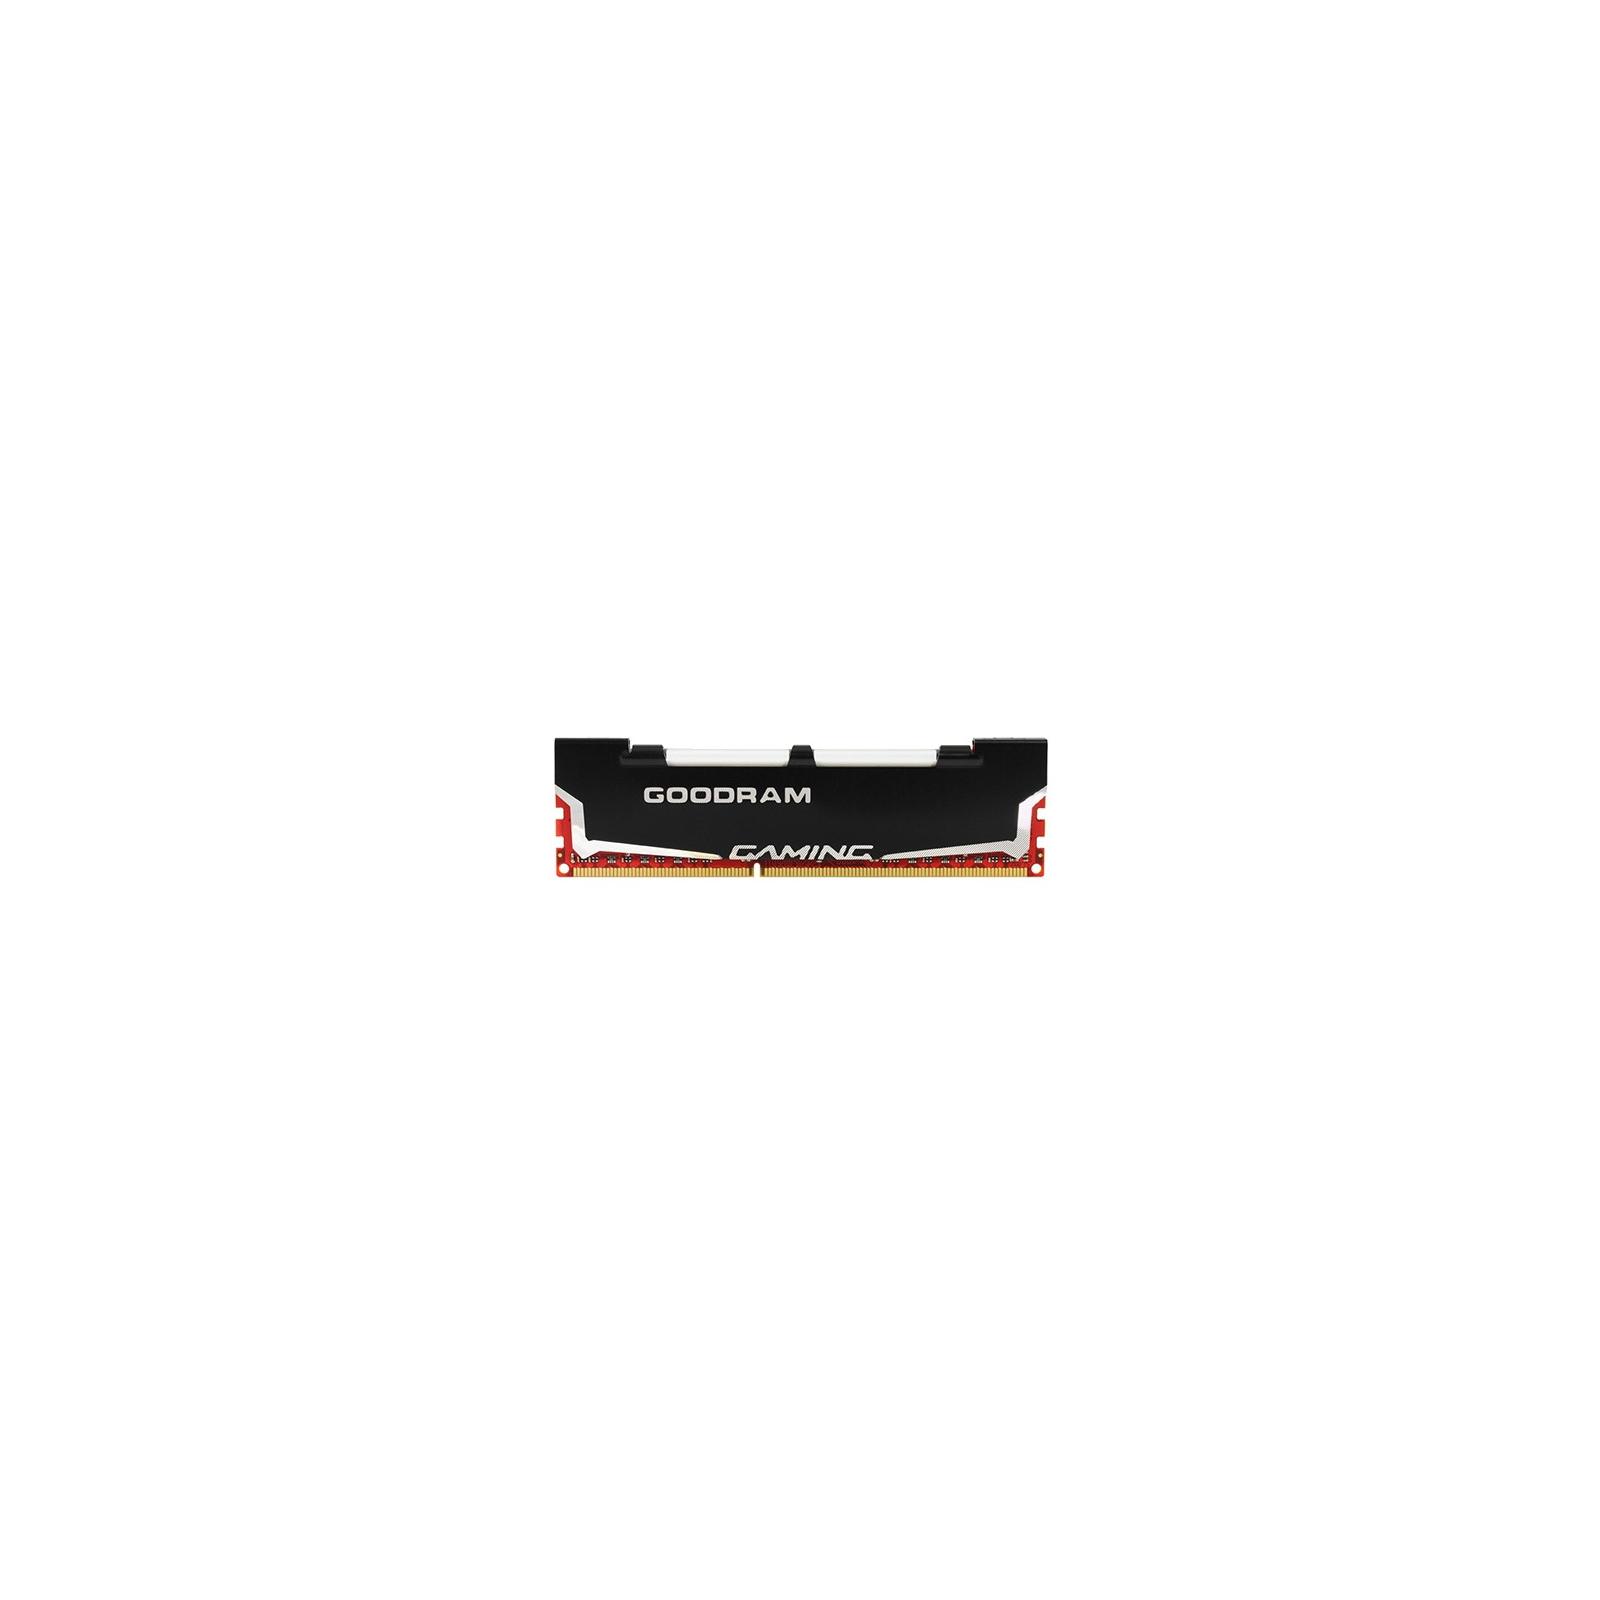 Модуль памяти для компьютера DDR3 4Gb 2133 MHz Led Gaming GOODRAM (GL2133D364L10A/4G)